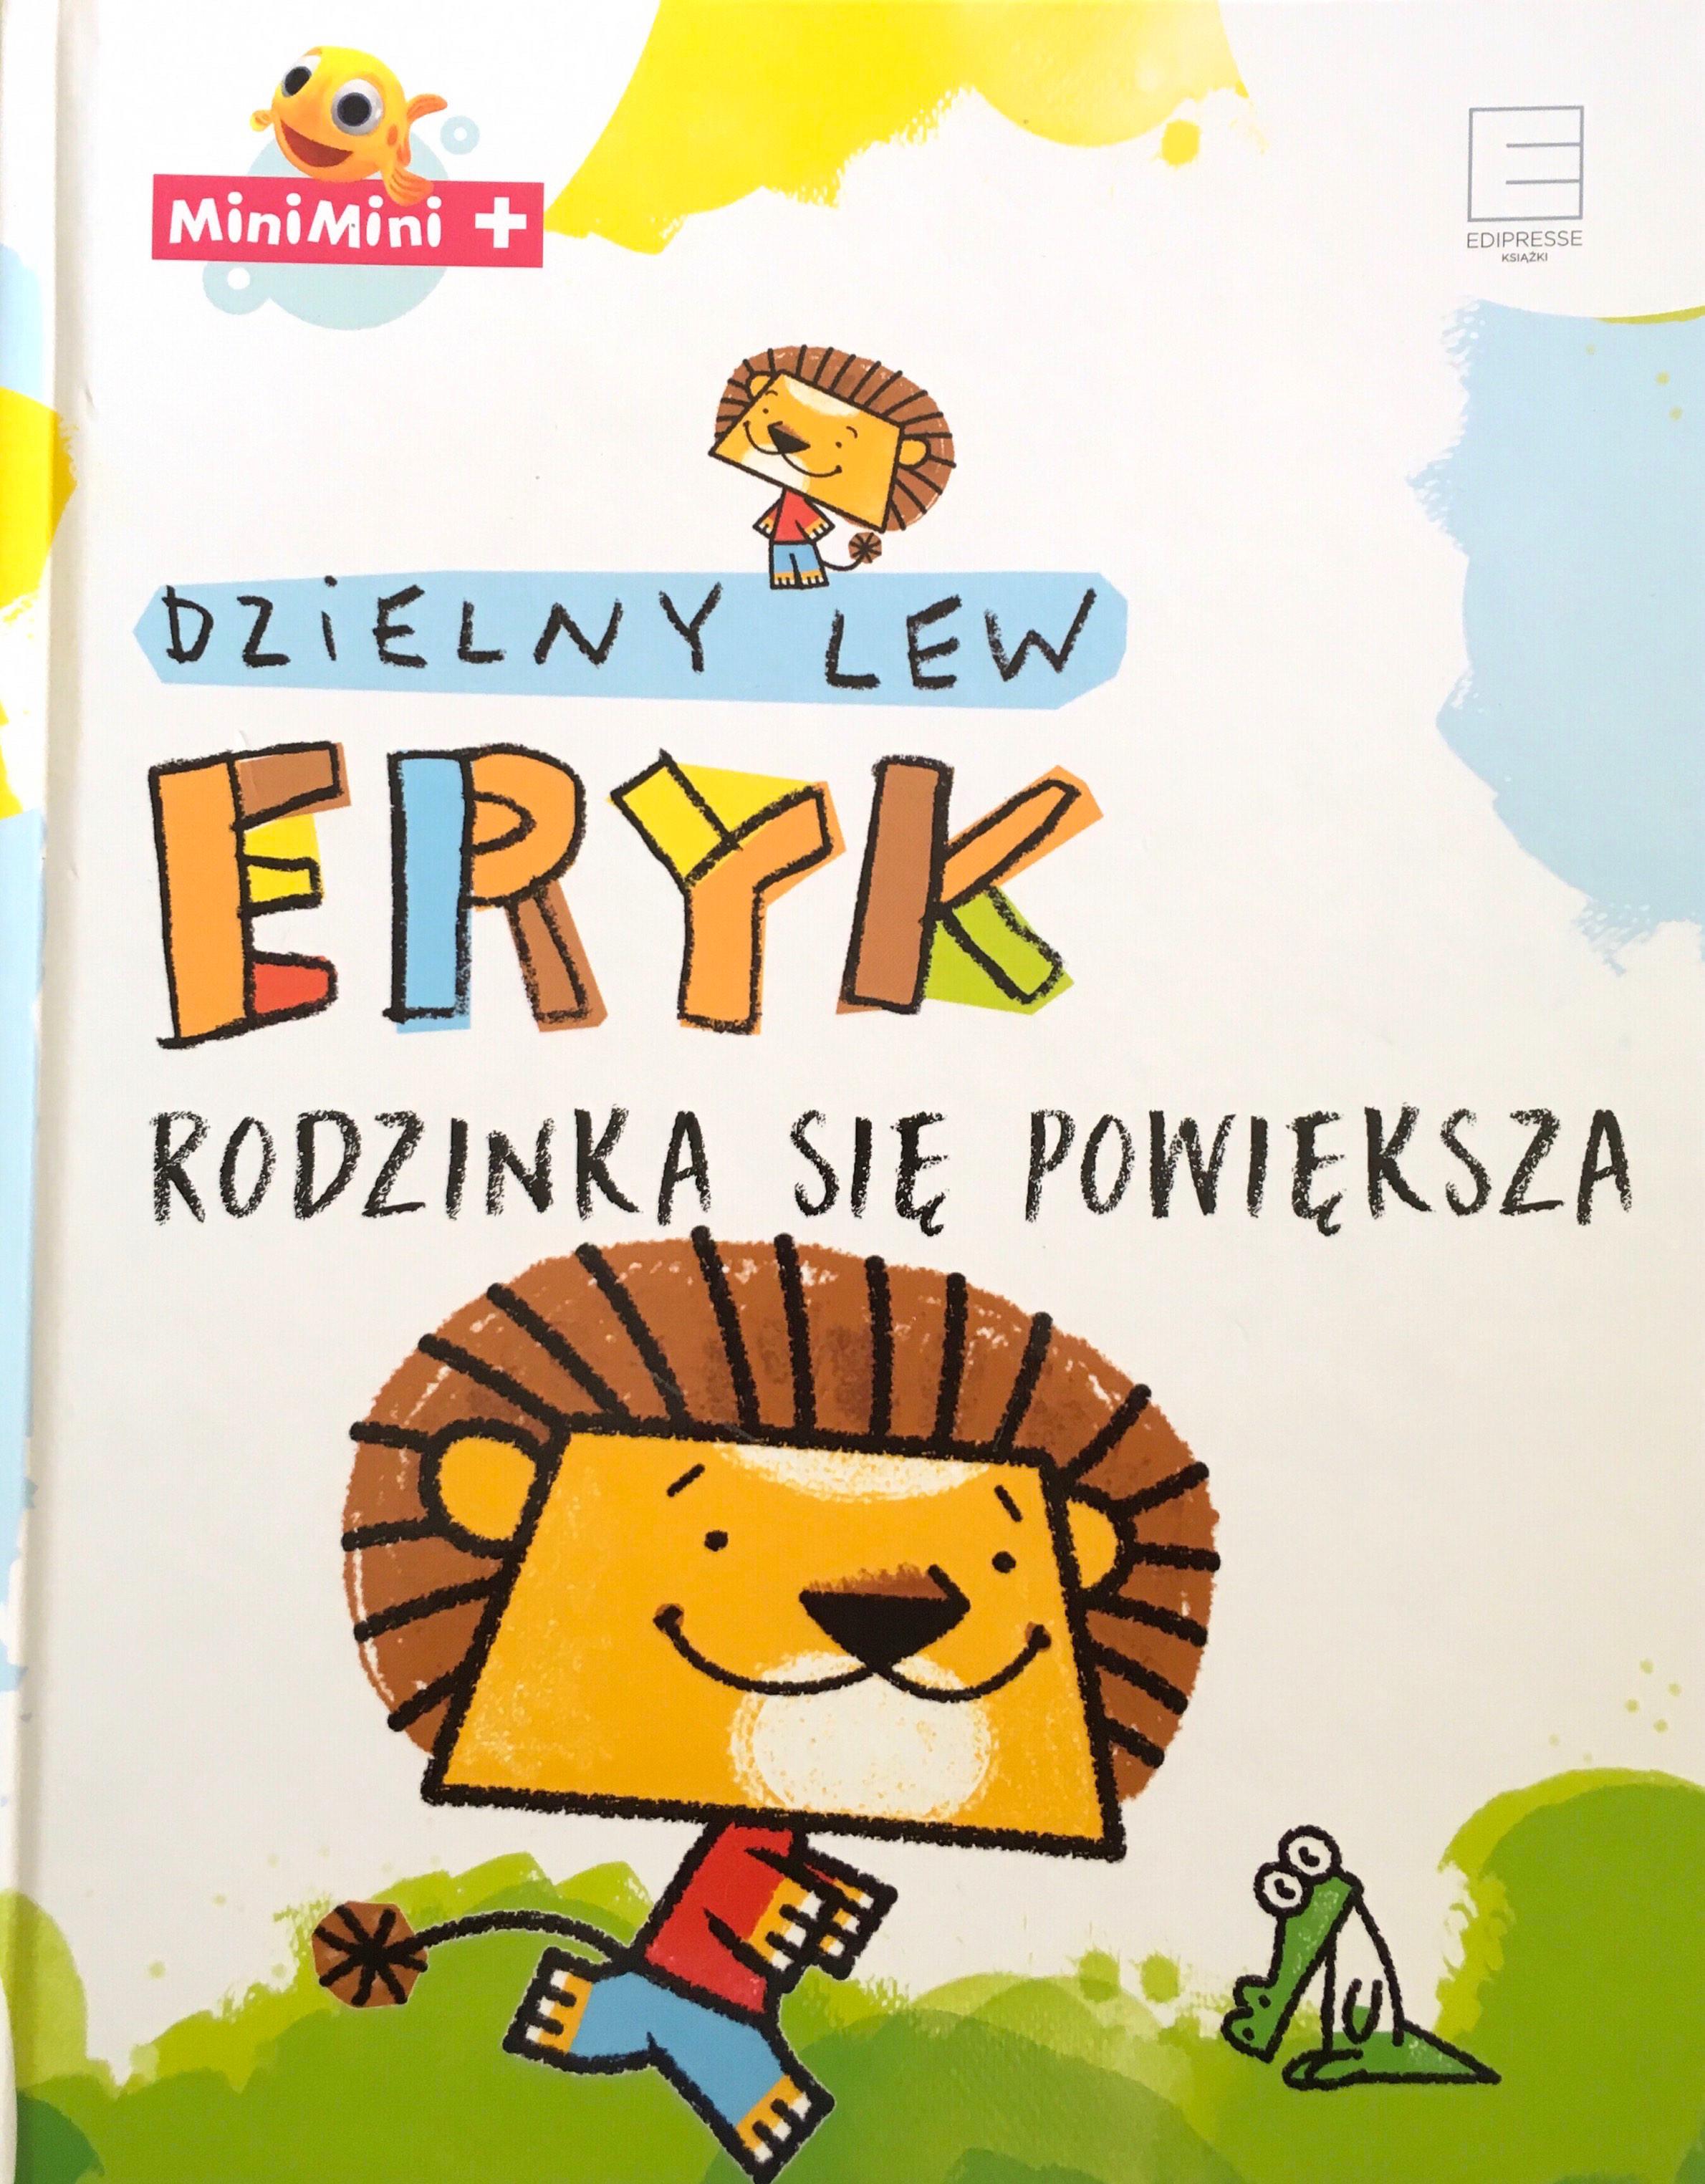 Dzielny Lew Eryk - rodzinka się powiększa